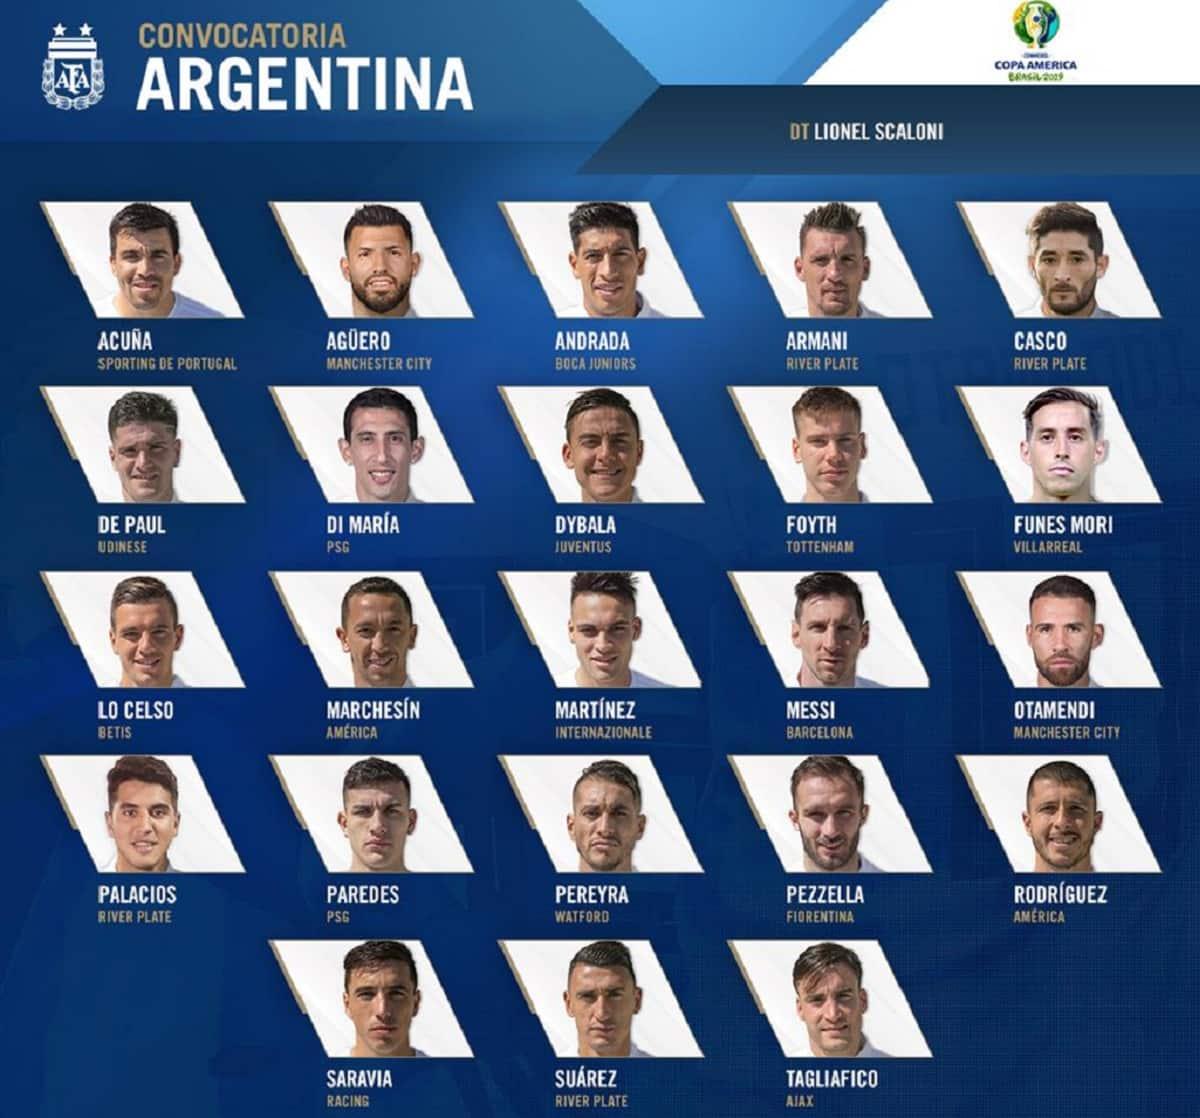 Convocados Selección Argentina